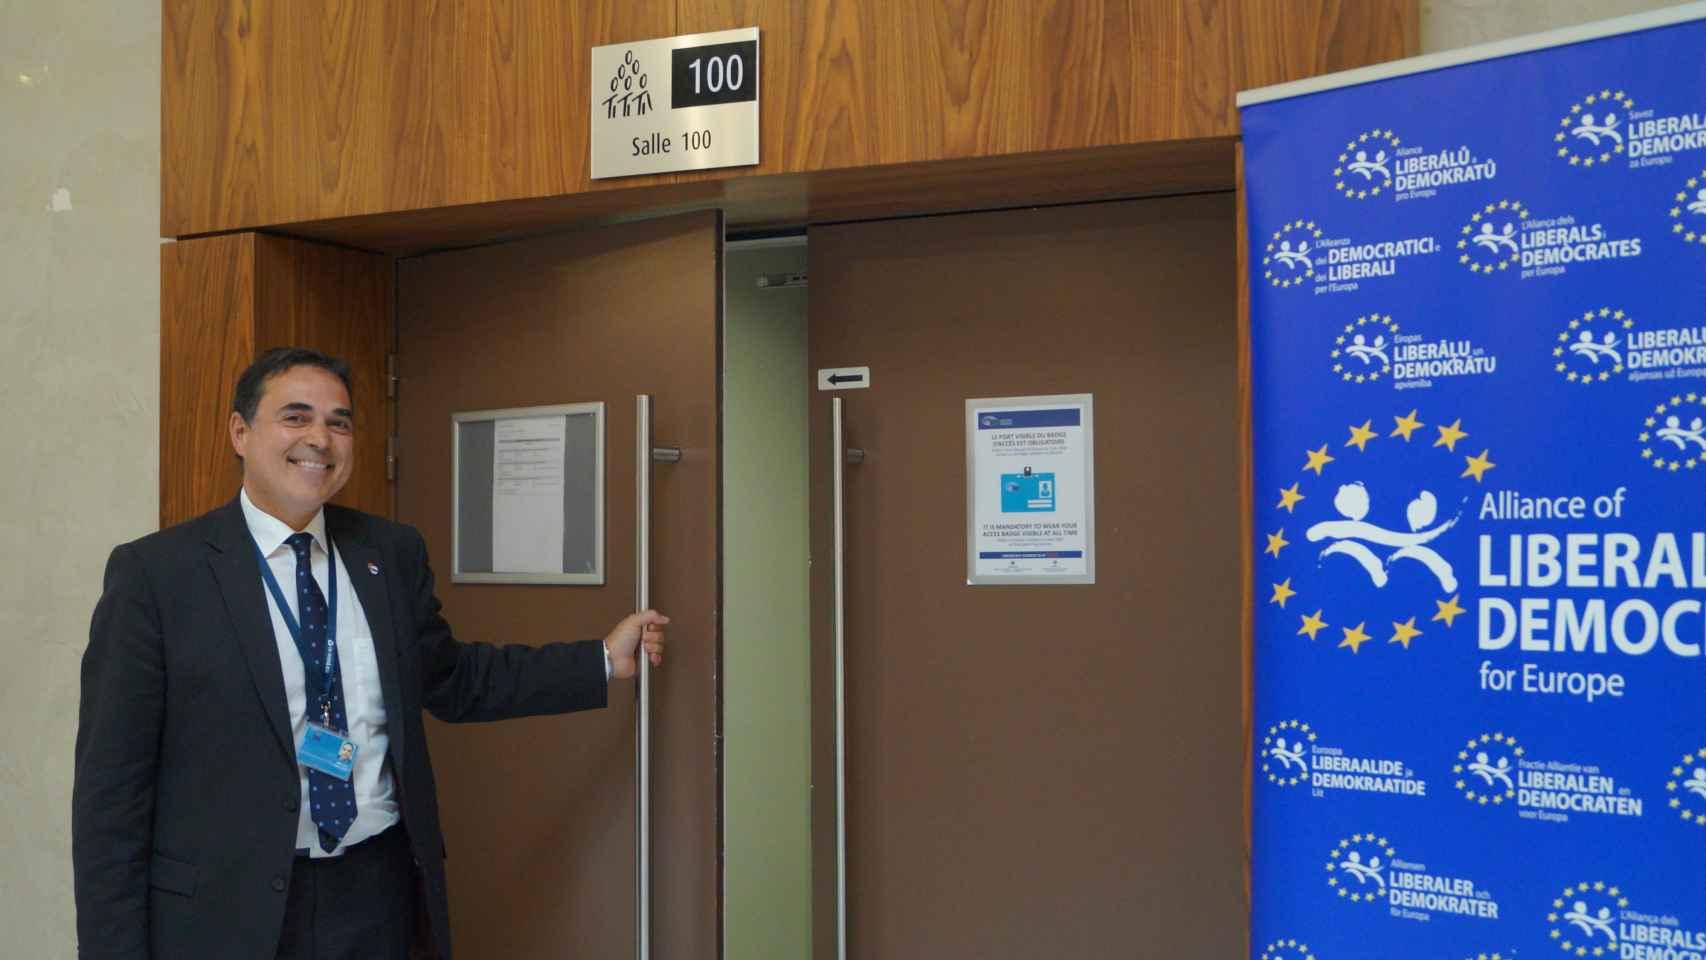 Juan Carlos abre la puerta a su sala en Estrasburgo.